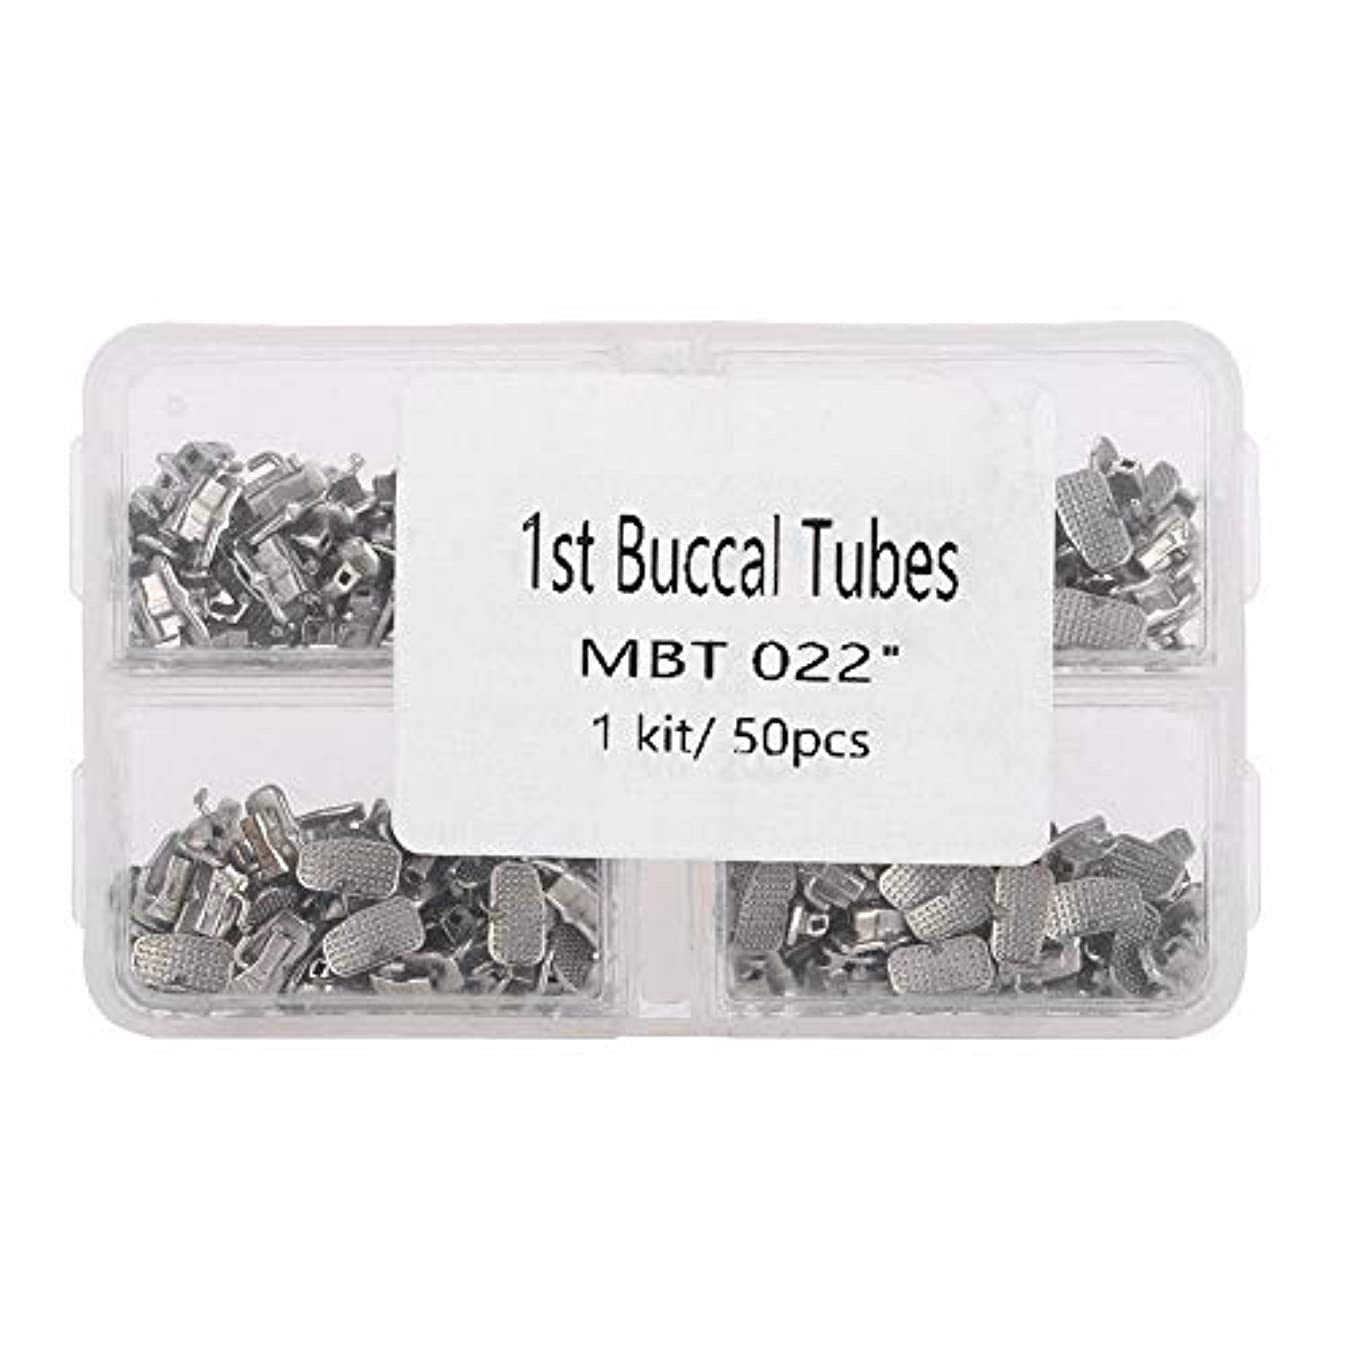 封筒の面では受益者Nitrip 歯科矯正チューブ 第1臼歯 ロスシングルバッカルチューブ ステンレス 200pcs